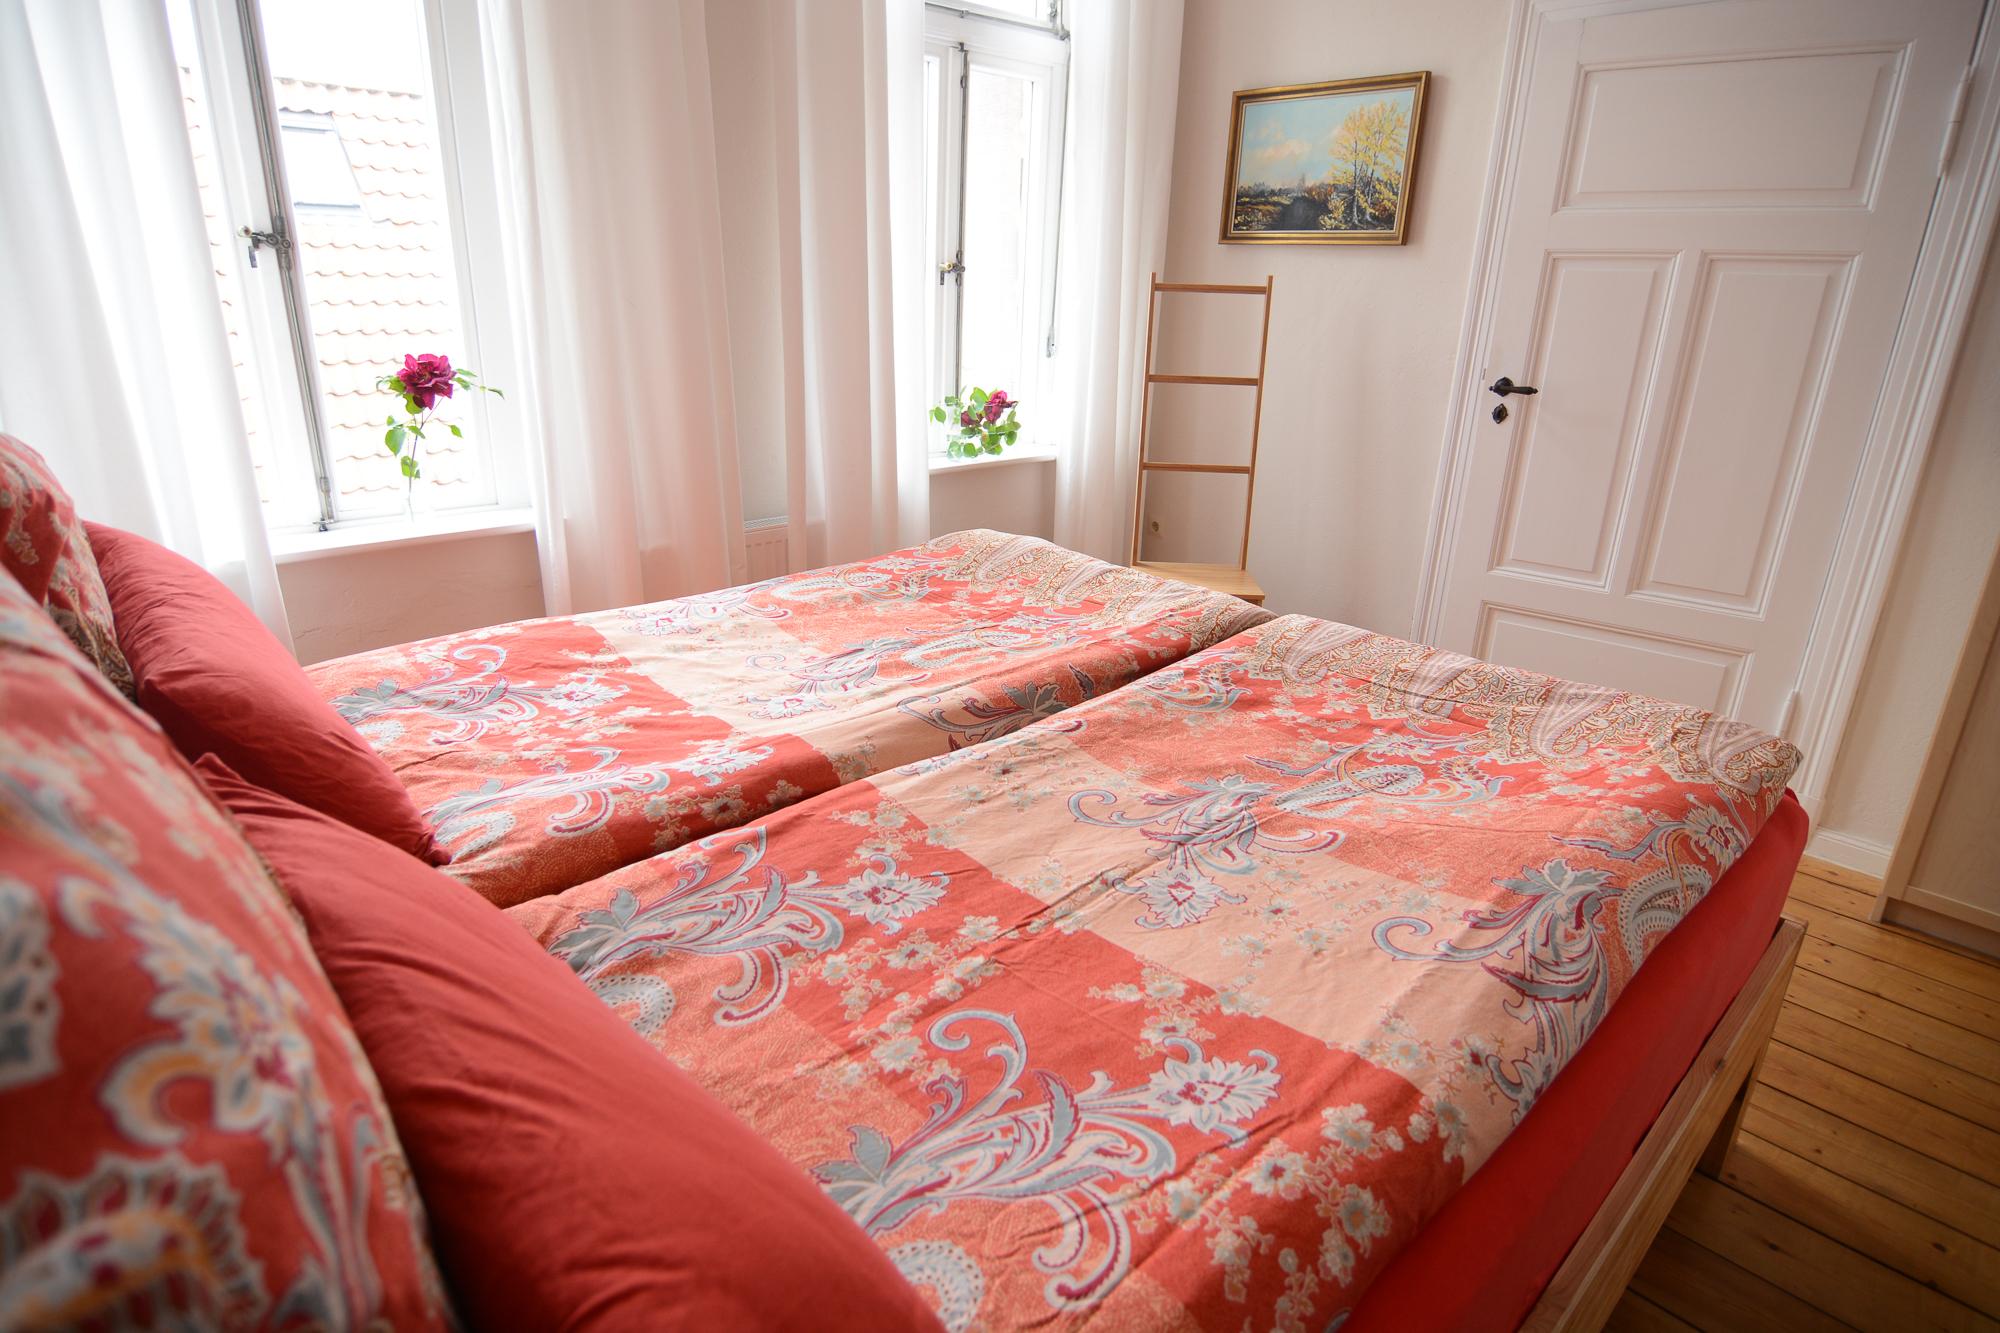 johannis nest herzlich willkommen. Black Bedroom Furniture Sets. Home Design Ideas